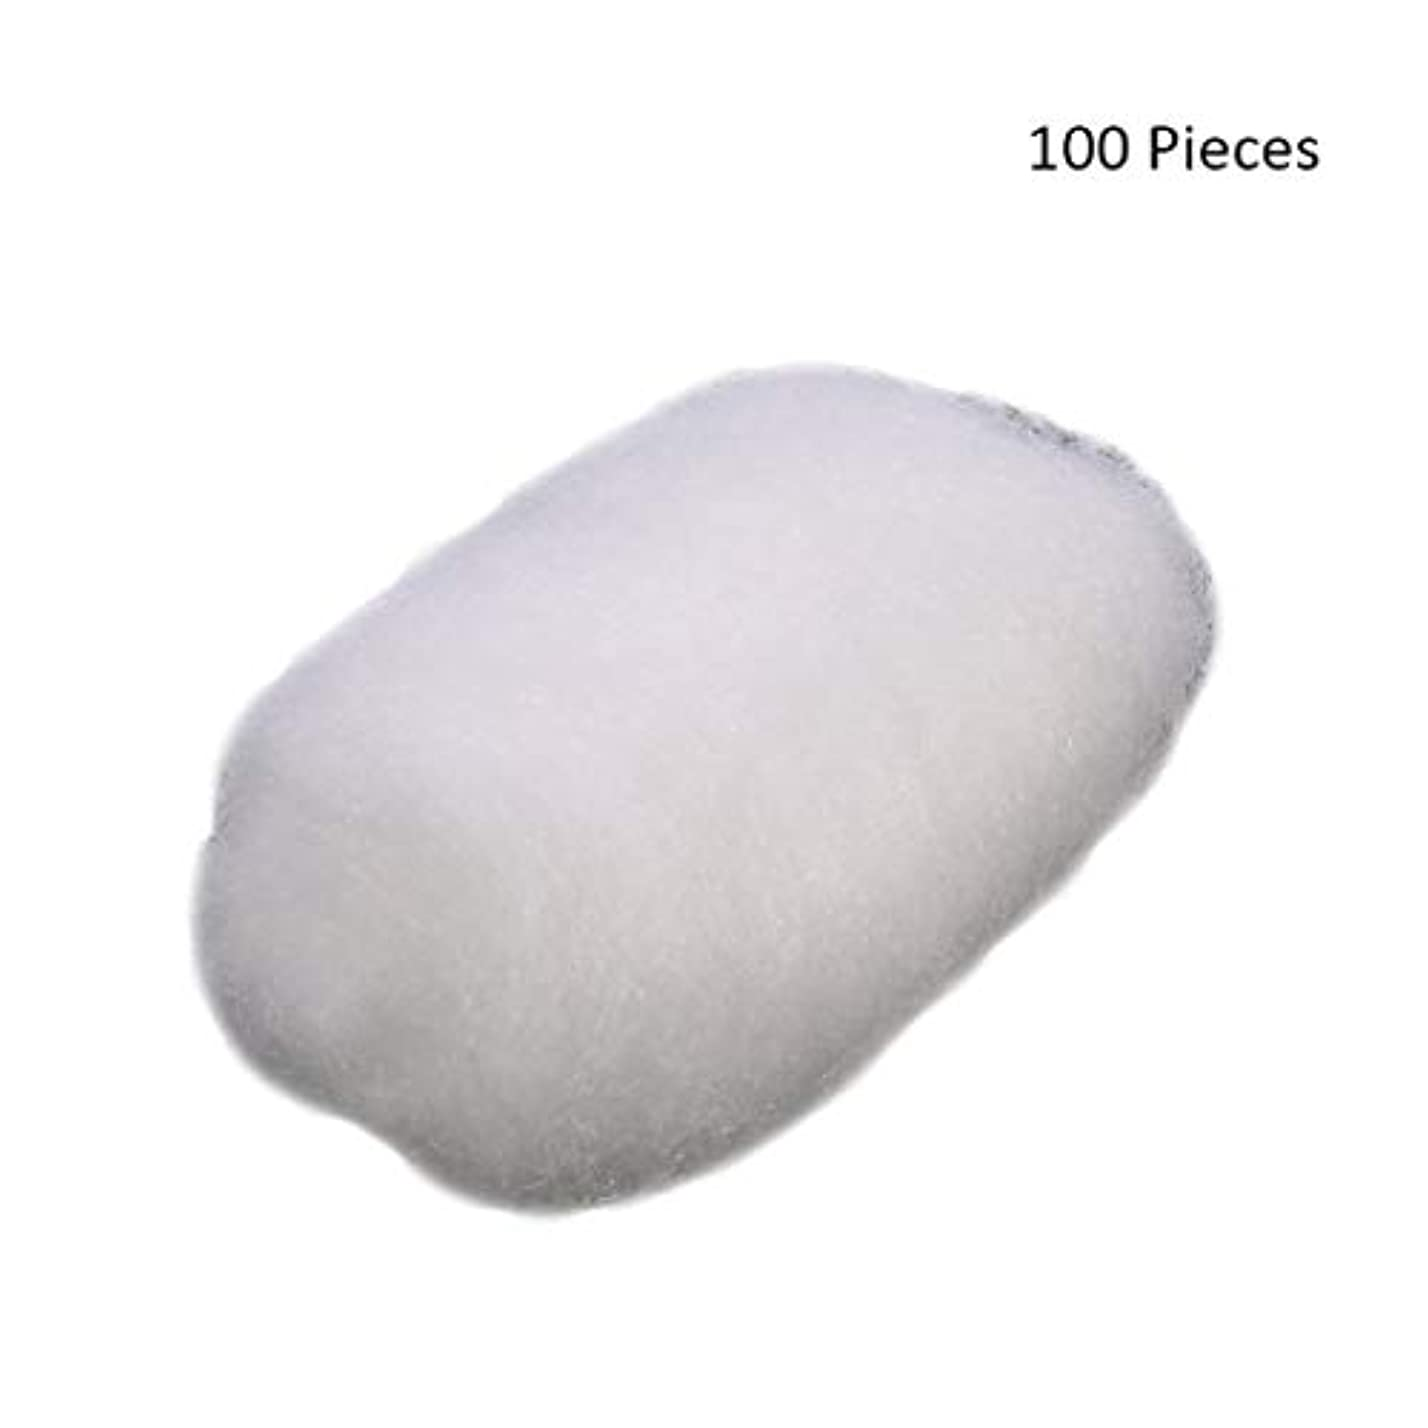 歯車潤滑するカビ化粧パッド 100ピース/バッグコットンボールタトゥー消毒化粧クレンジングローションオイルマニキュア化粧品除去パフコットンボール メイク落とし化粧パッド (Color : White)